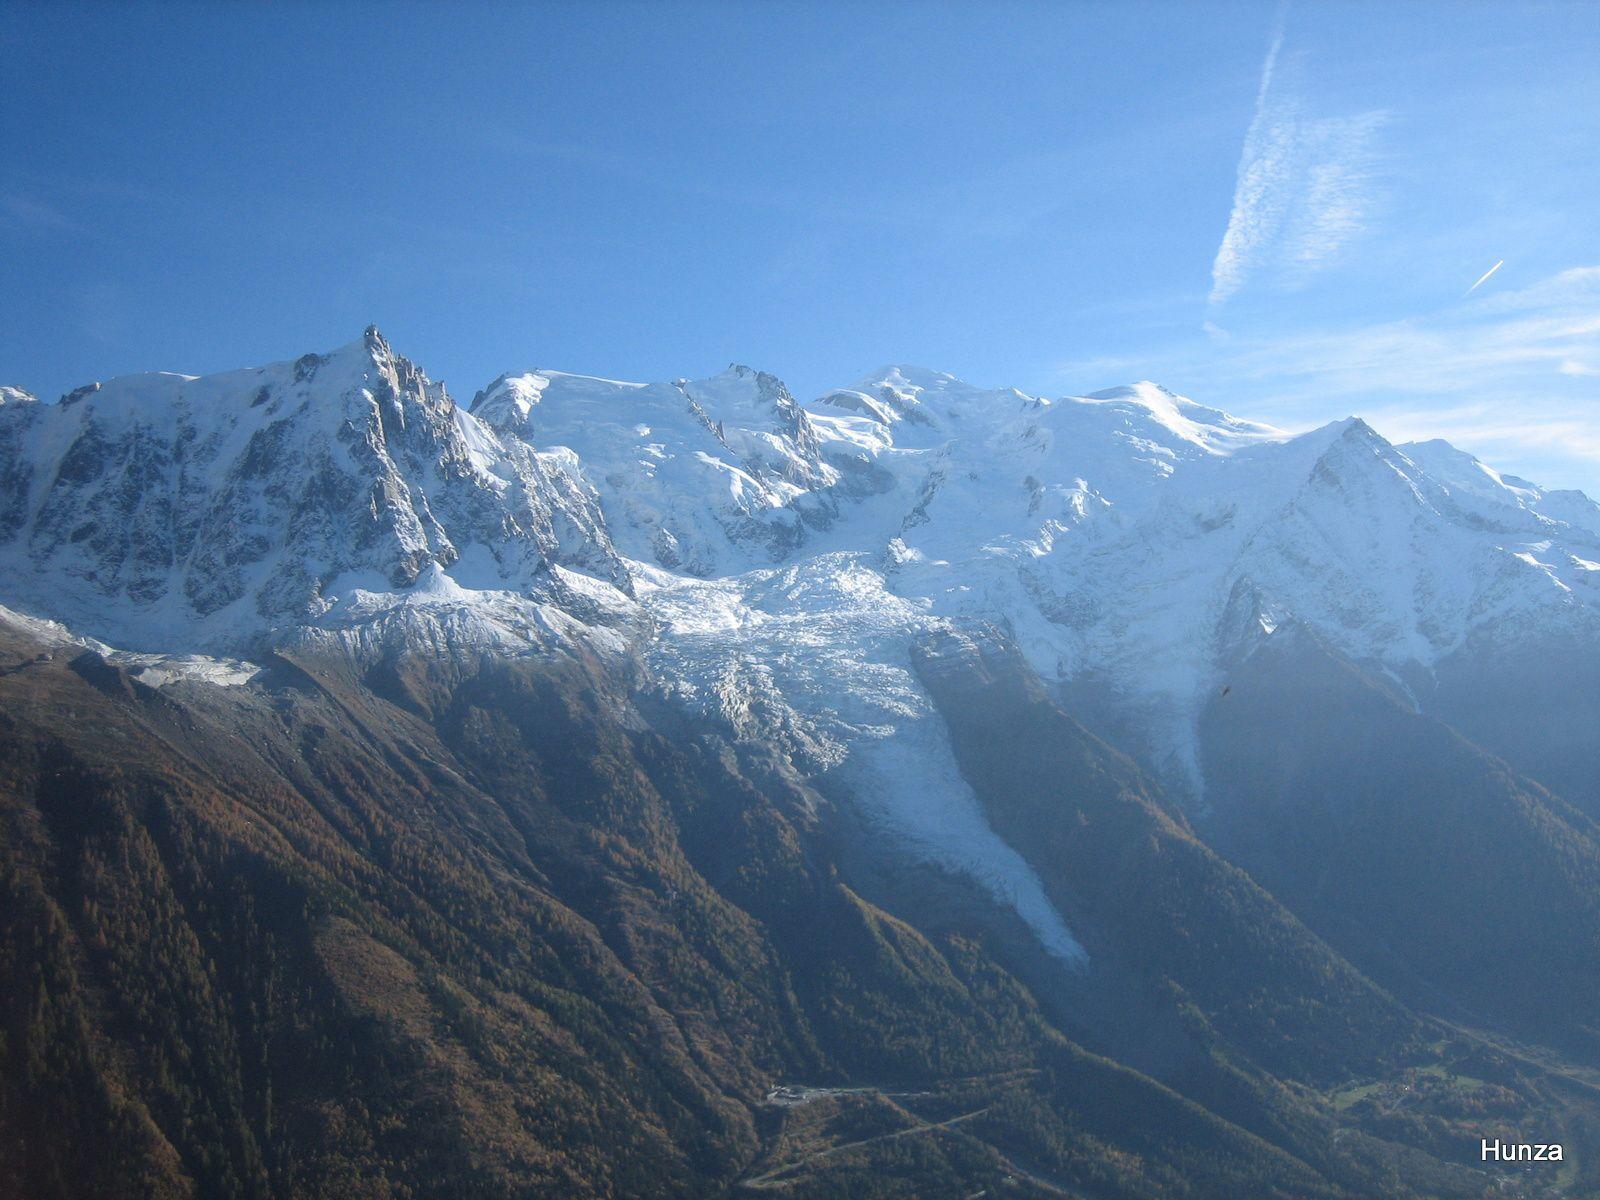 De gauche à droite, l'Aiguille du Midi, le Mont Blanc du Tacul, le Mont Maudit, le Mont Blanc, le Dôme et l'Aiguille du Gouter et au 1er plan, les glaciers des Bossons et du Taconnaz